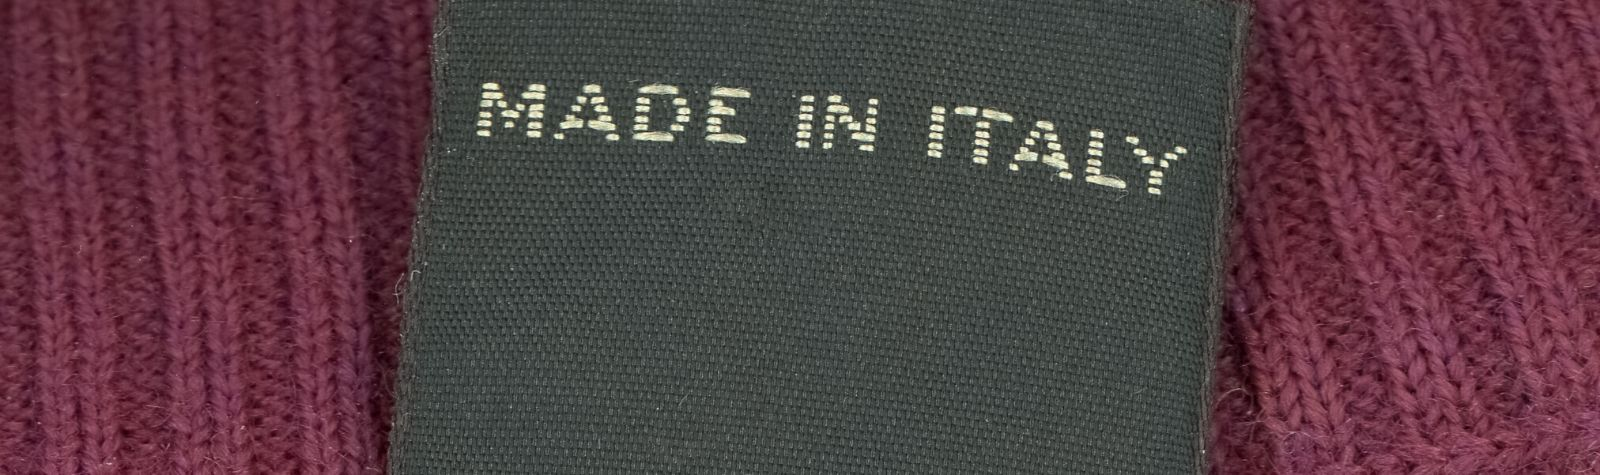 Made in Italy: arriva la campagna di promozione straordinaria